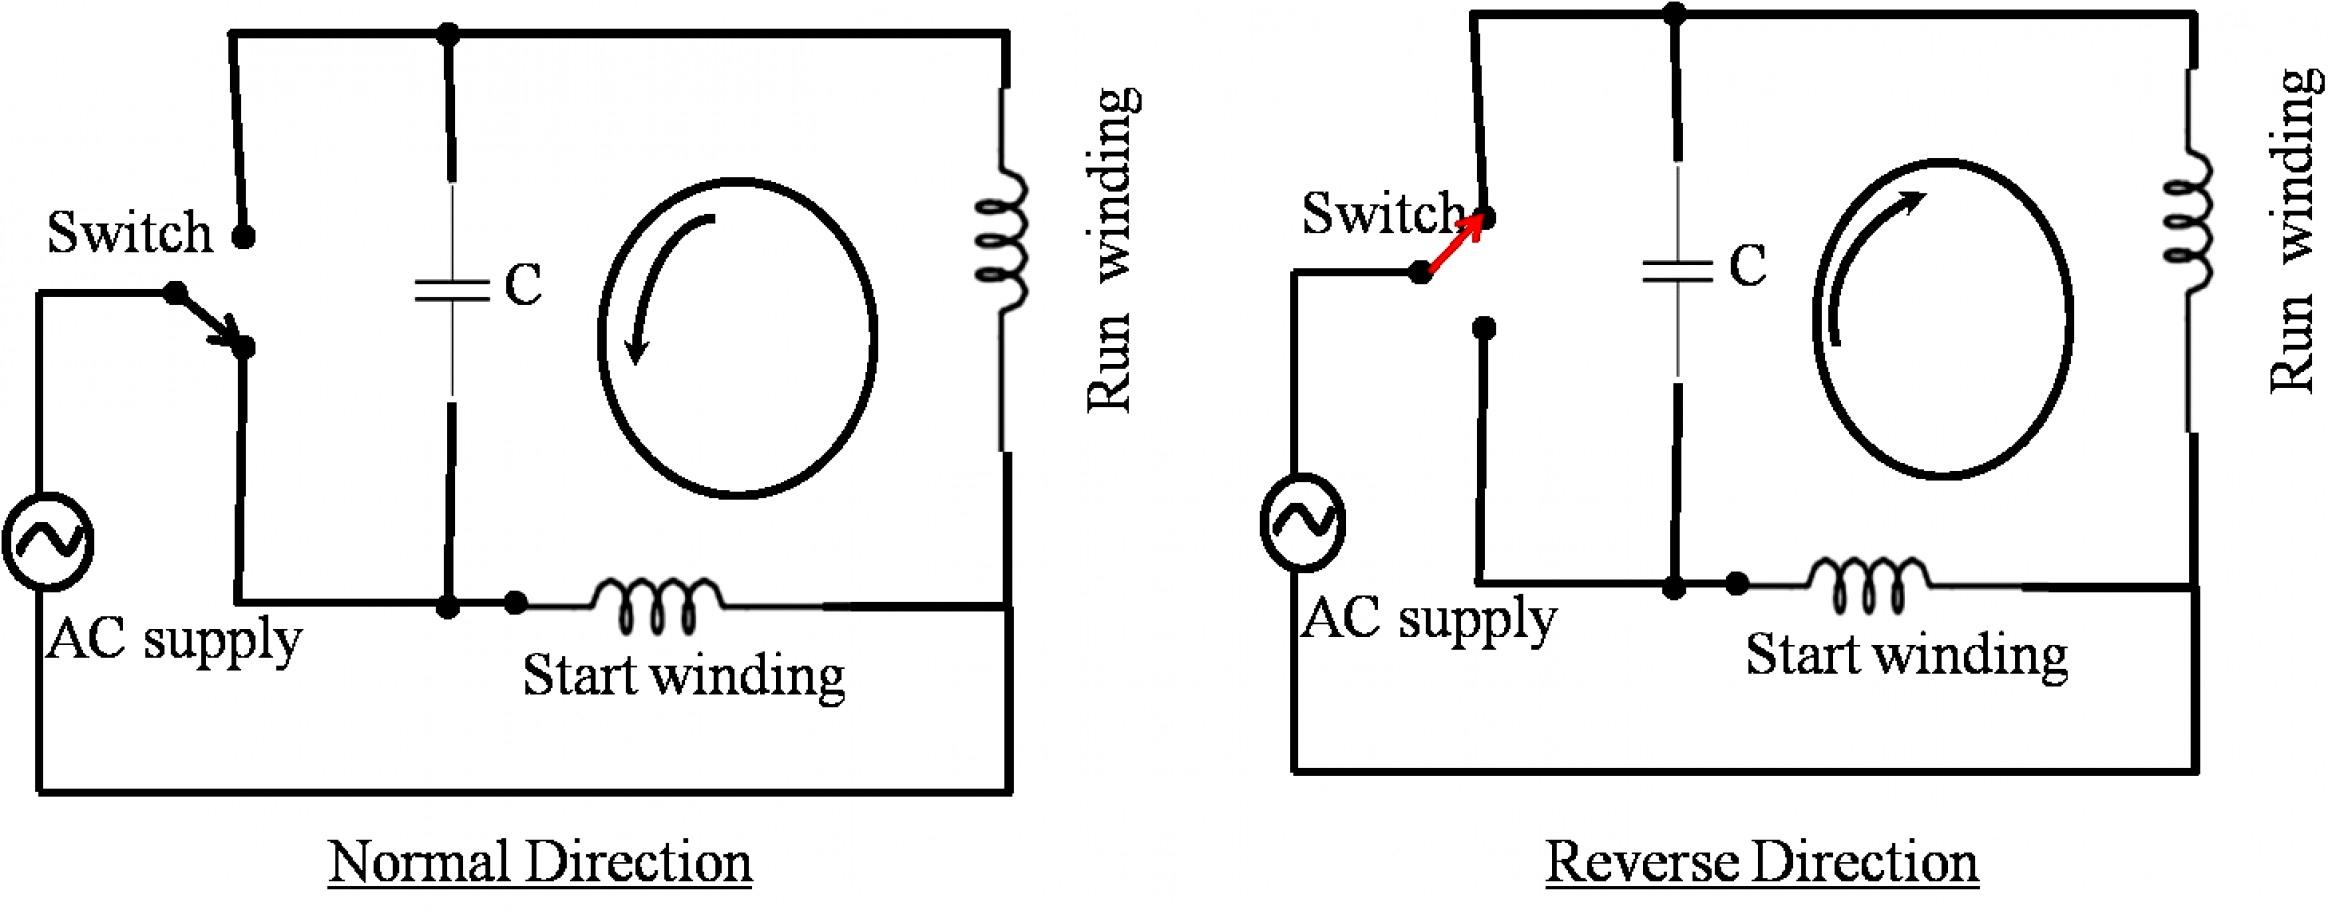 rheem whole house ac wiring